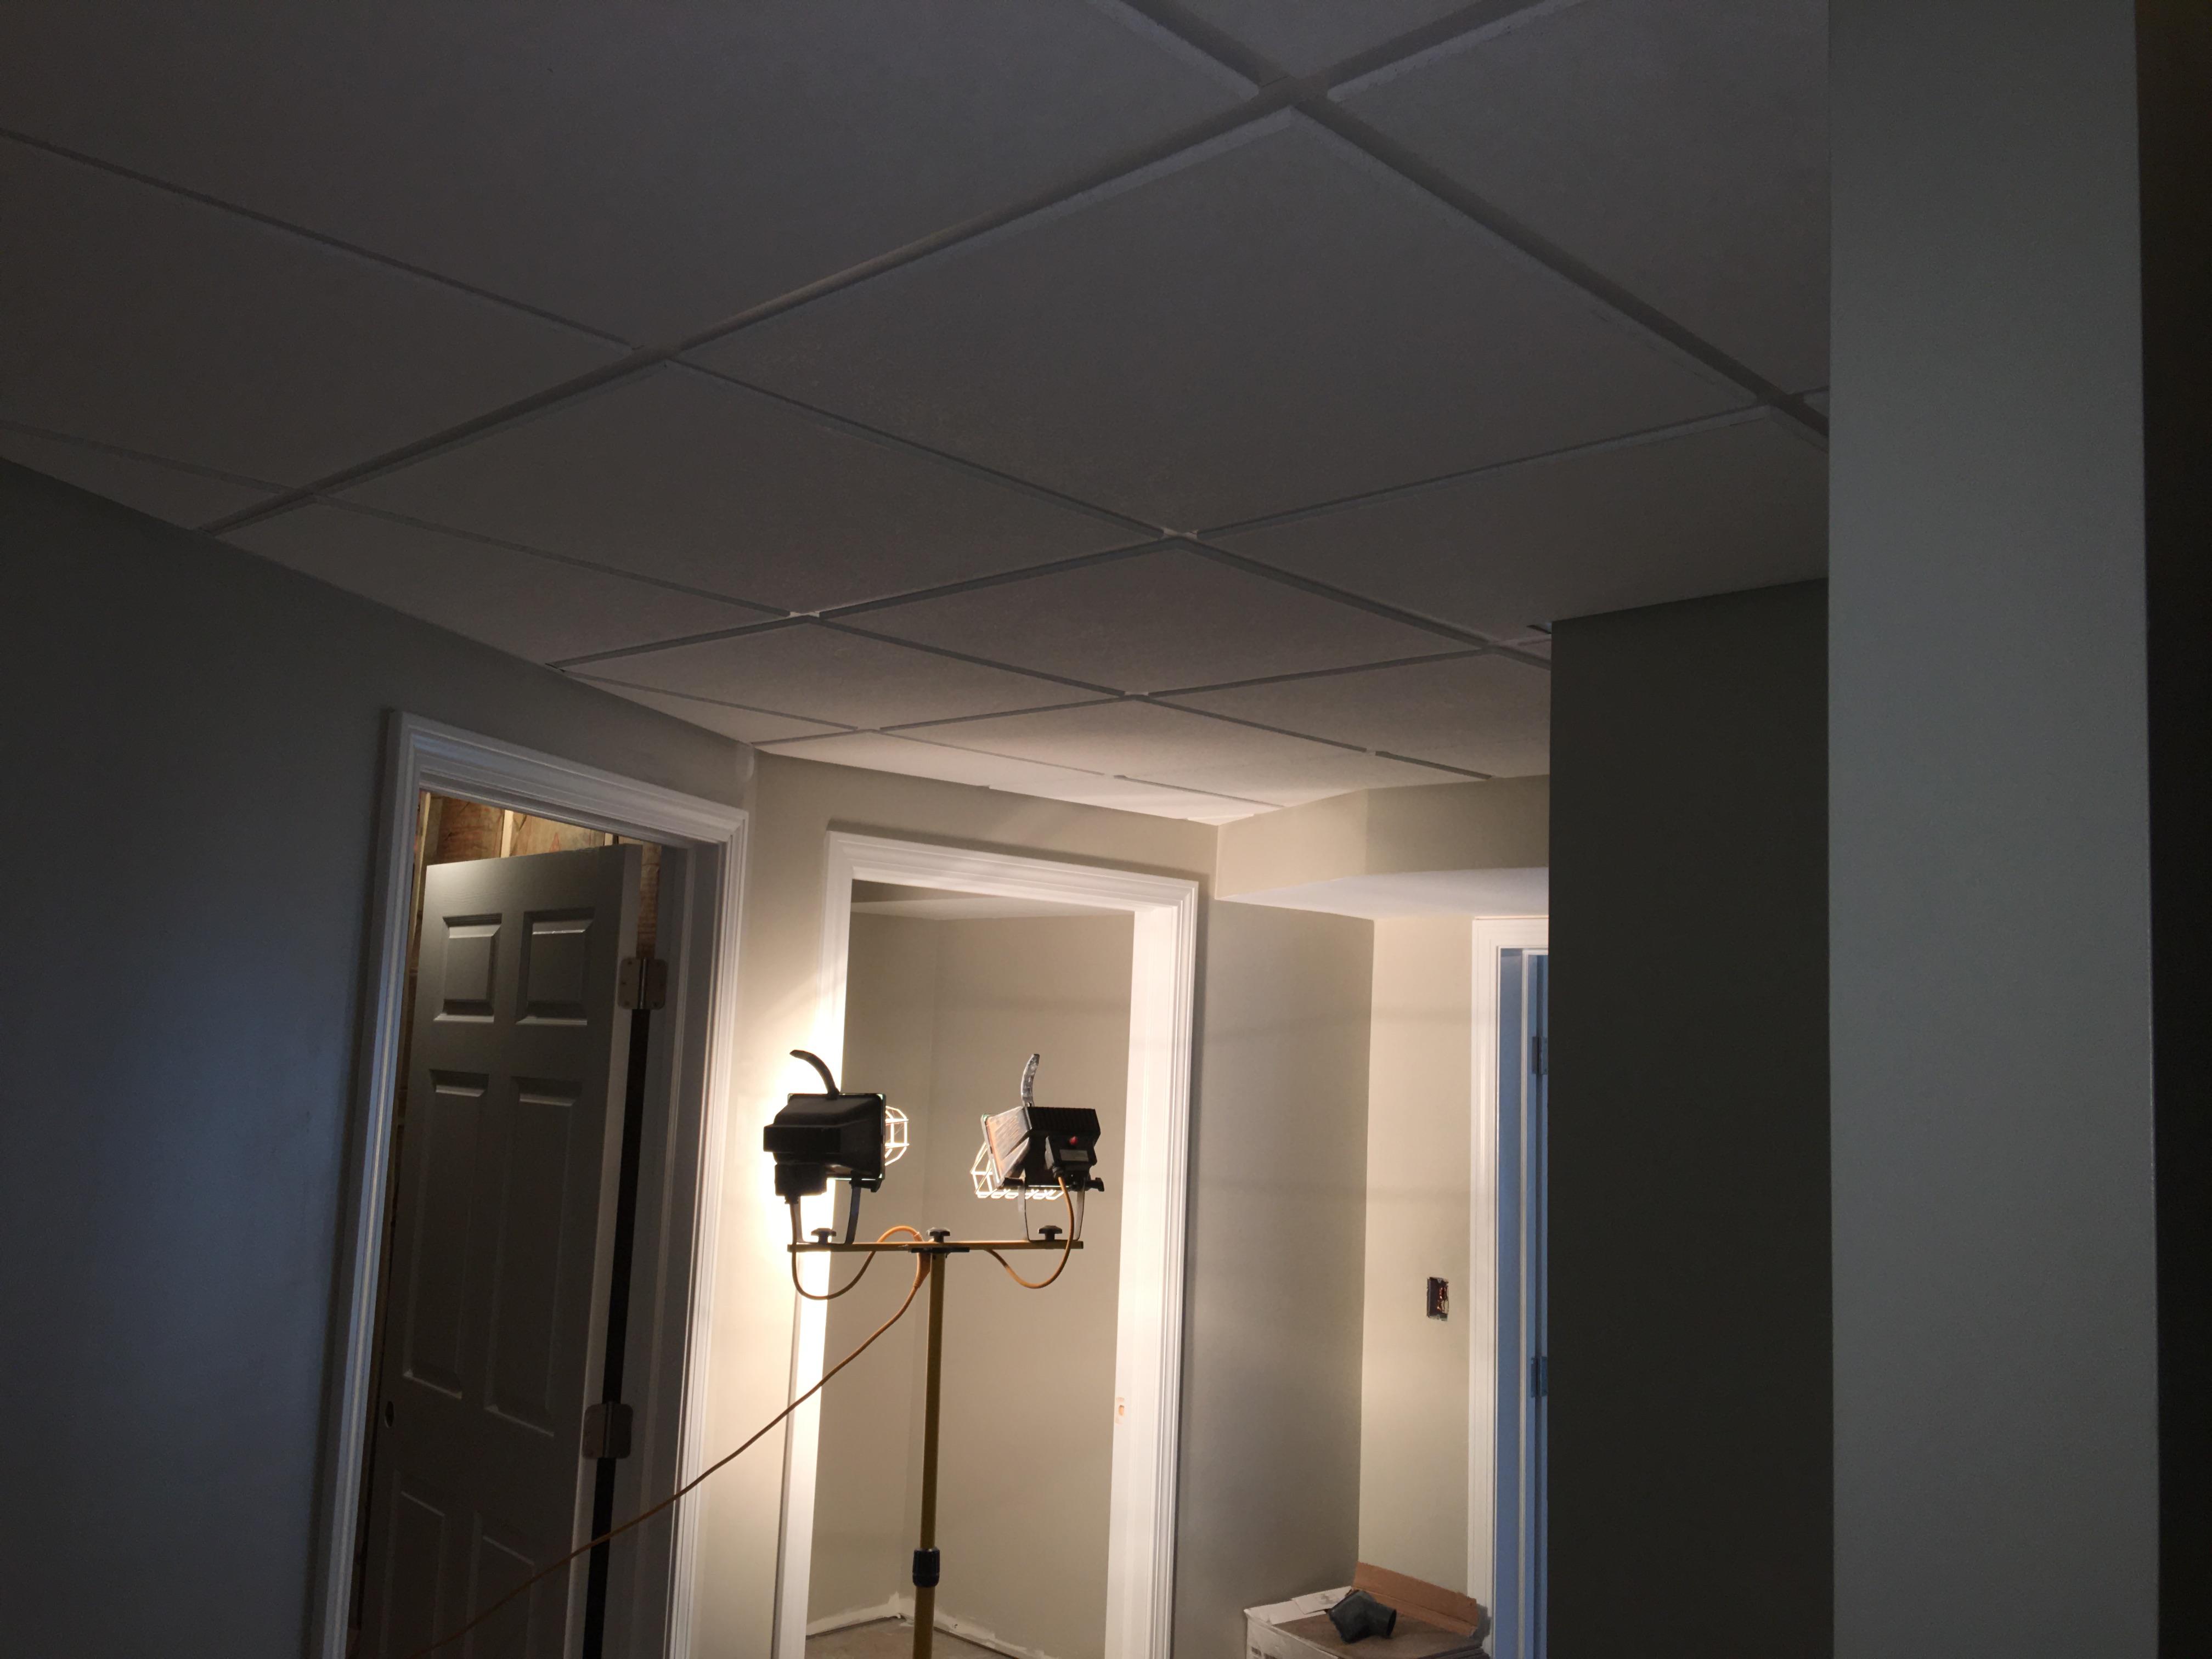 Finished basement-a299a8eb-dc98-4b35-8abb-01f6ef250319.jpeg